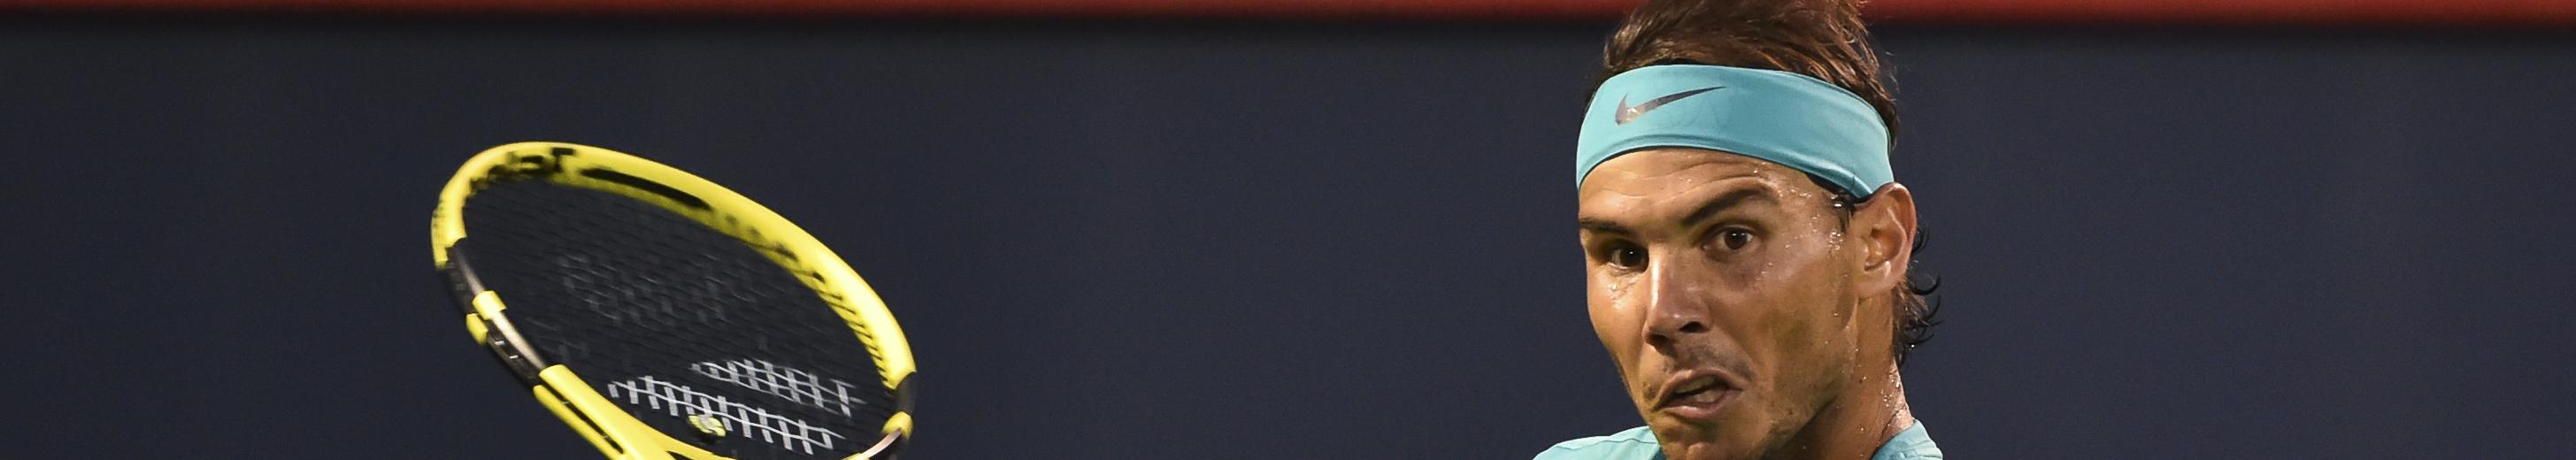 Rogers Cup, l'ora delle finali: Nadal e Serena a caccia del titolo